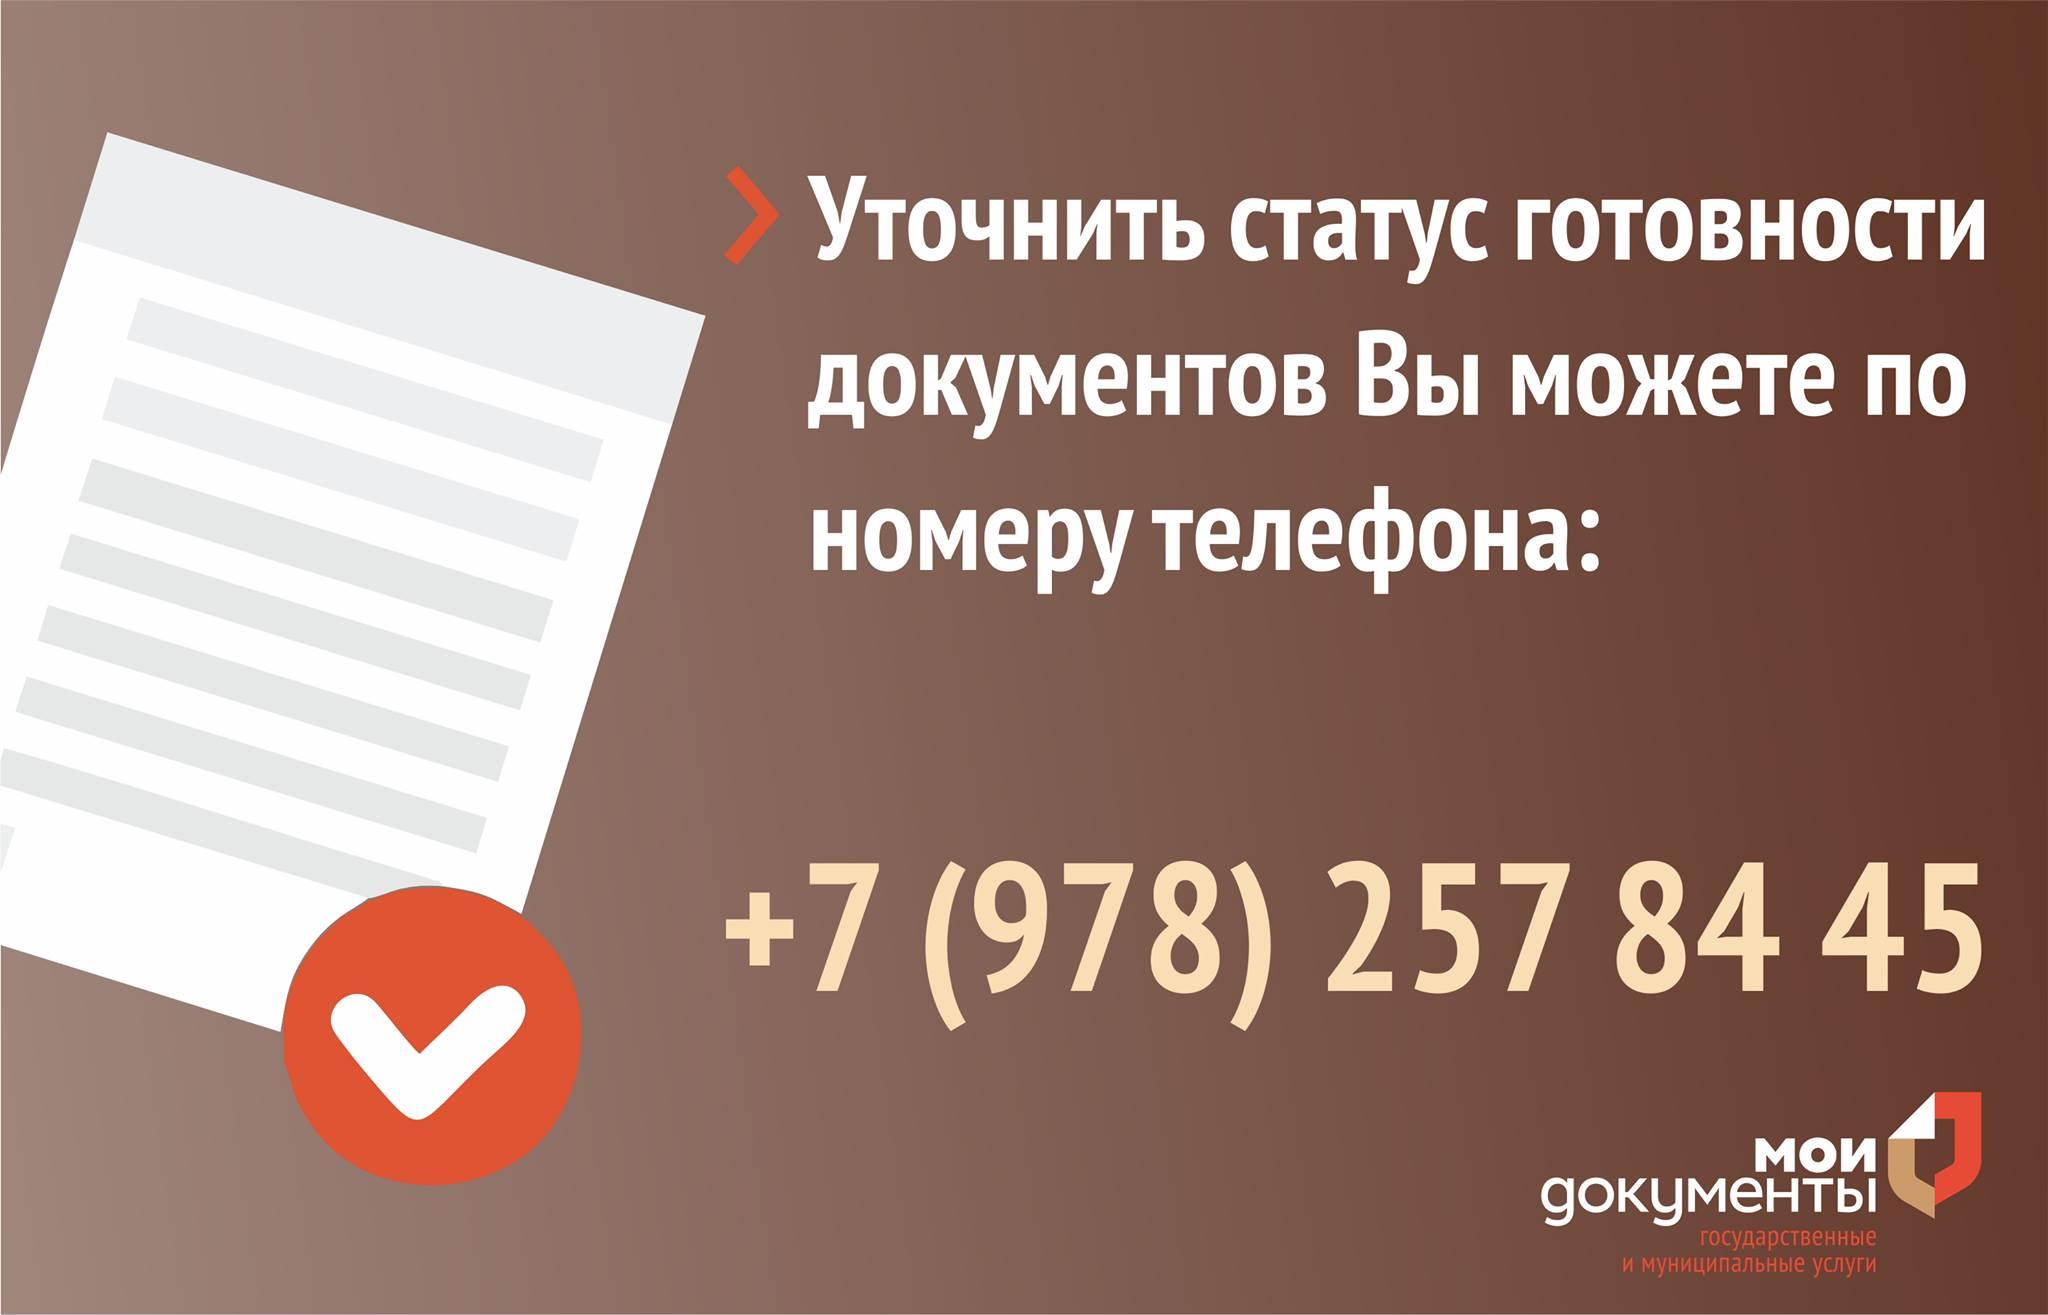 Узнать статус готовности документов в Крыму стало еще проще!